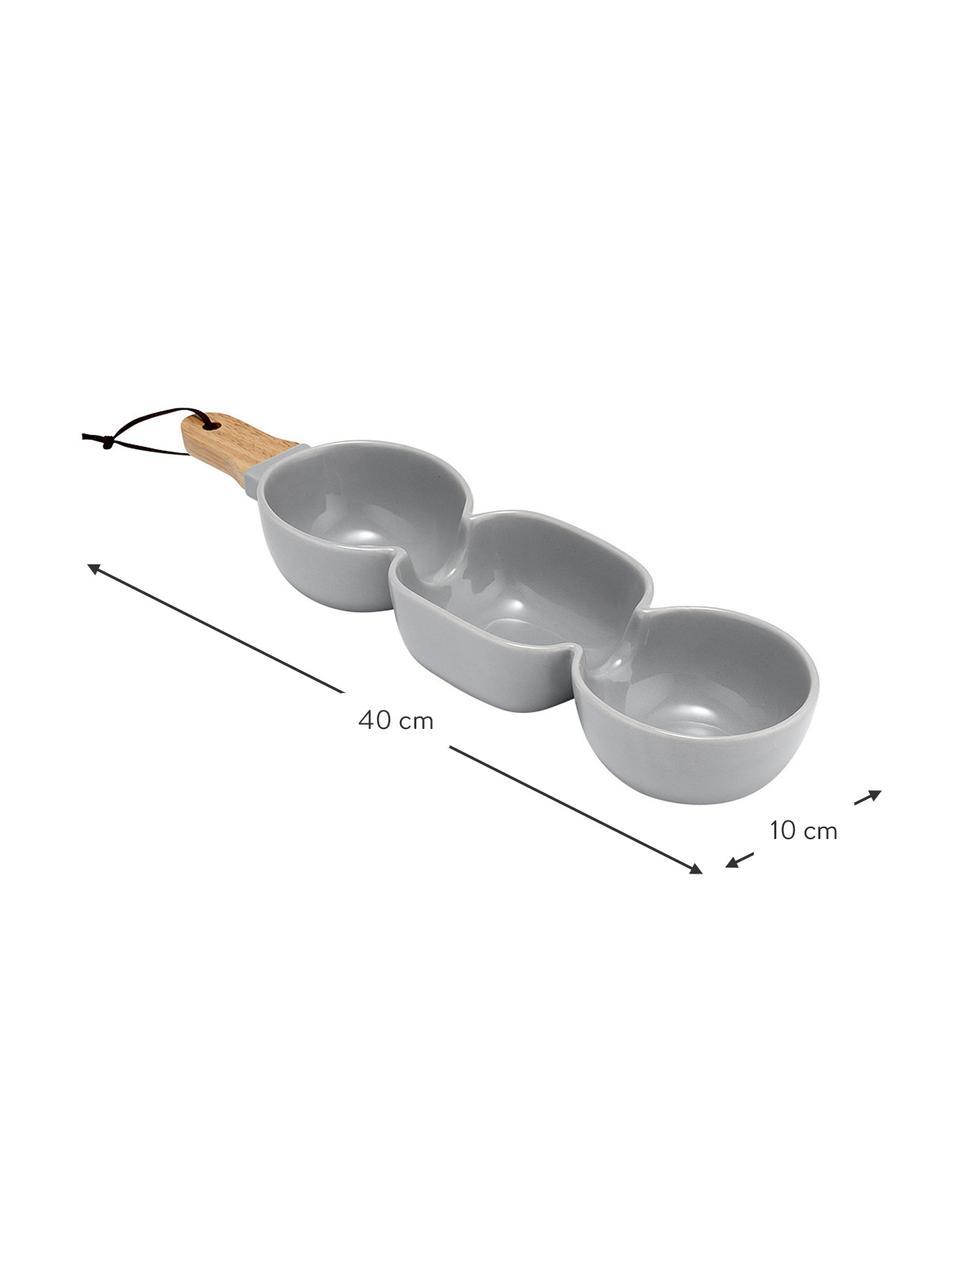 Servierschale Classic in Grau mit Holzgriff, Schale: Porzellan, Griff: Gummibaumholz, Grau, B 40 x T 10 cm